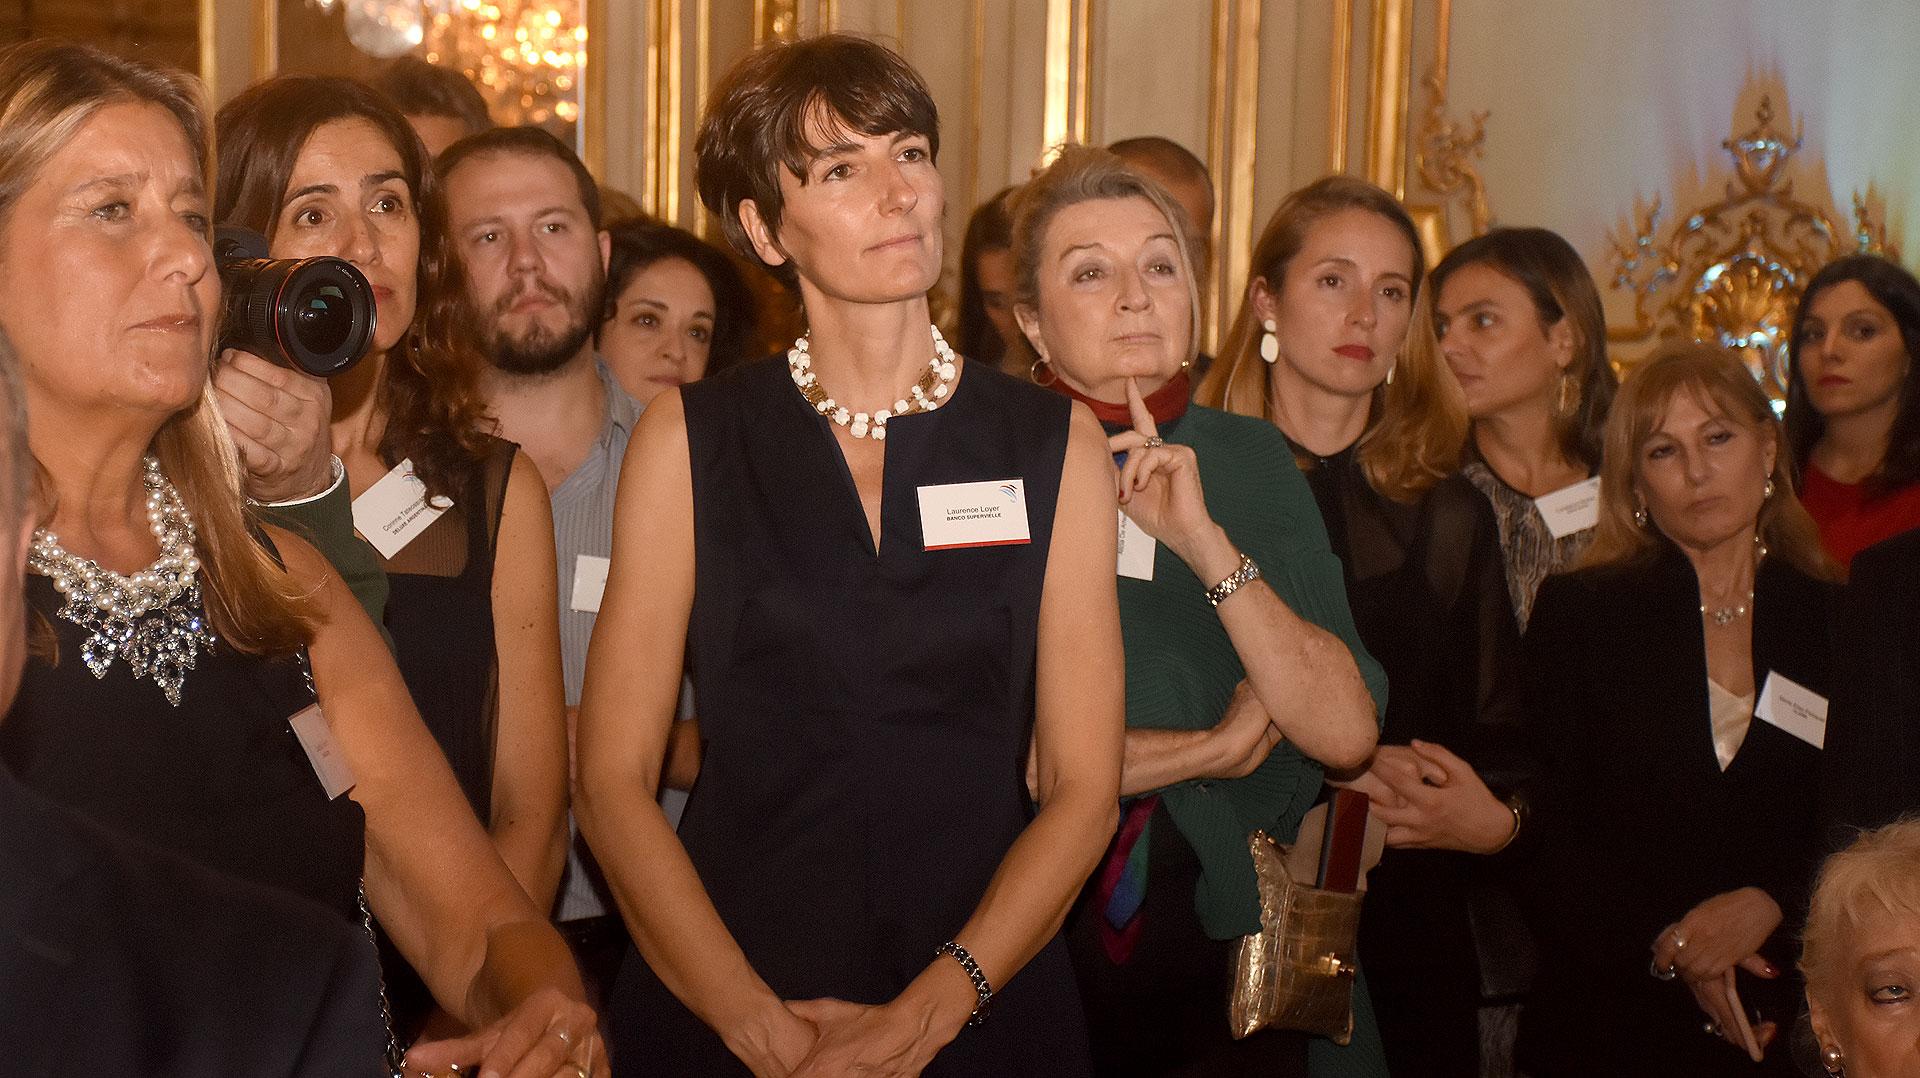 Marianne es una organización de mujeres vinculadas a Francia, activas profesionalmente y referentes en sus áreas de acción. Nació en Argentina en 2010 con el apoyo institucional de la Embajada de Francia para promover los lazos entre Argentina y Francia, mediante mujeres destacadas en los negocios, lo social, las ciencias, las artesy la cultura.